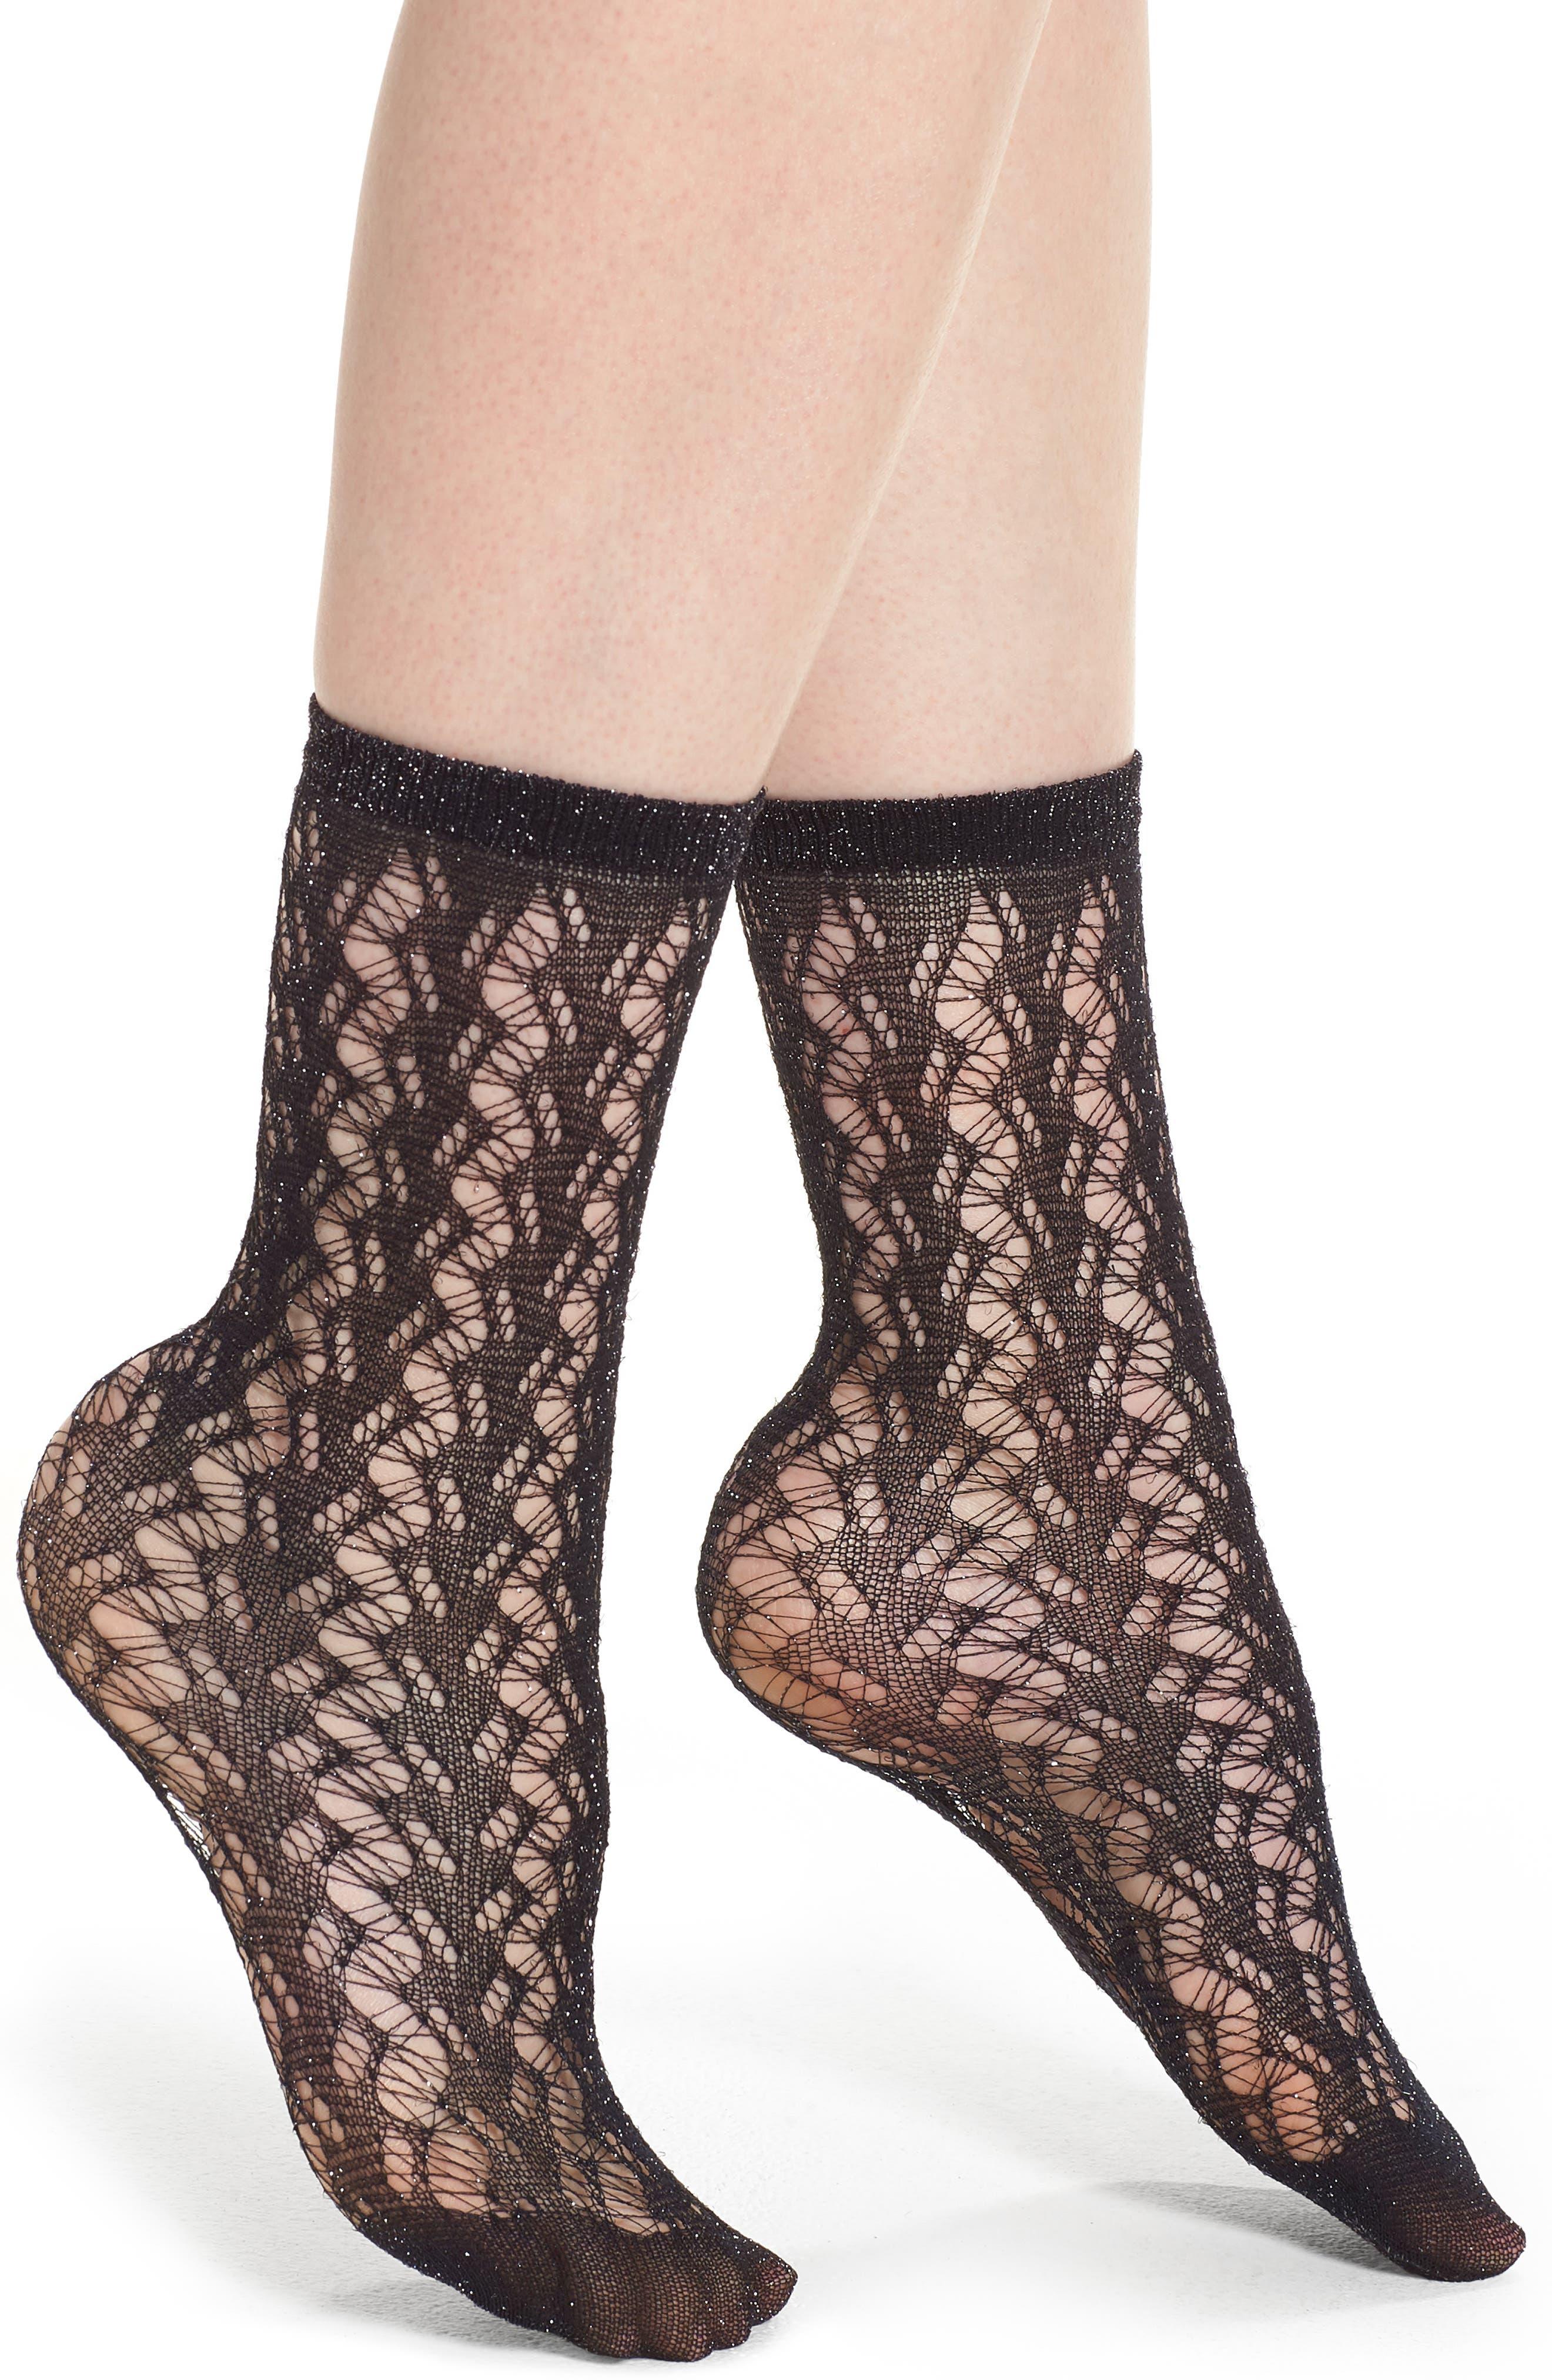 Calzino Glitter Fishnet Trouser Socks,                         Main,                         color, Black